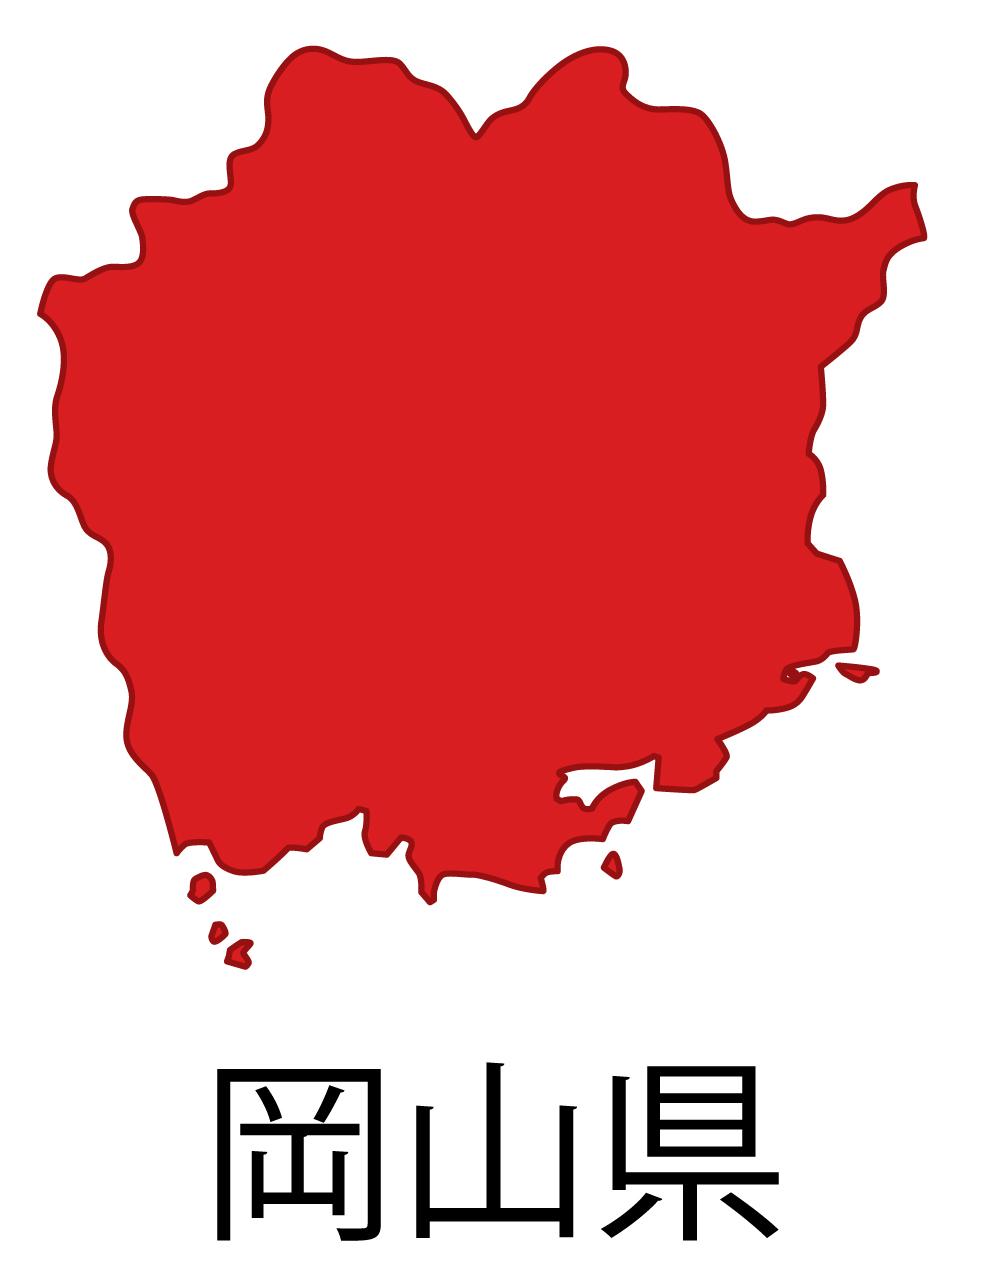 岡山県無料フリーイラスト|日本語・都道府県名あり(赤)